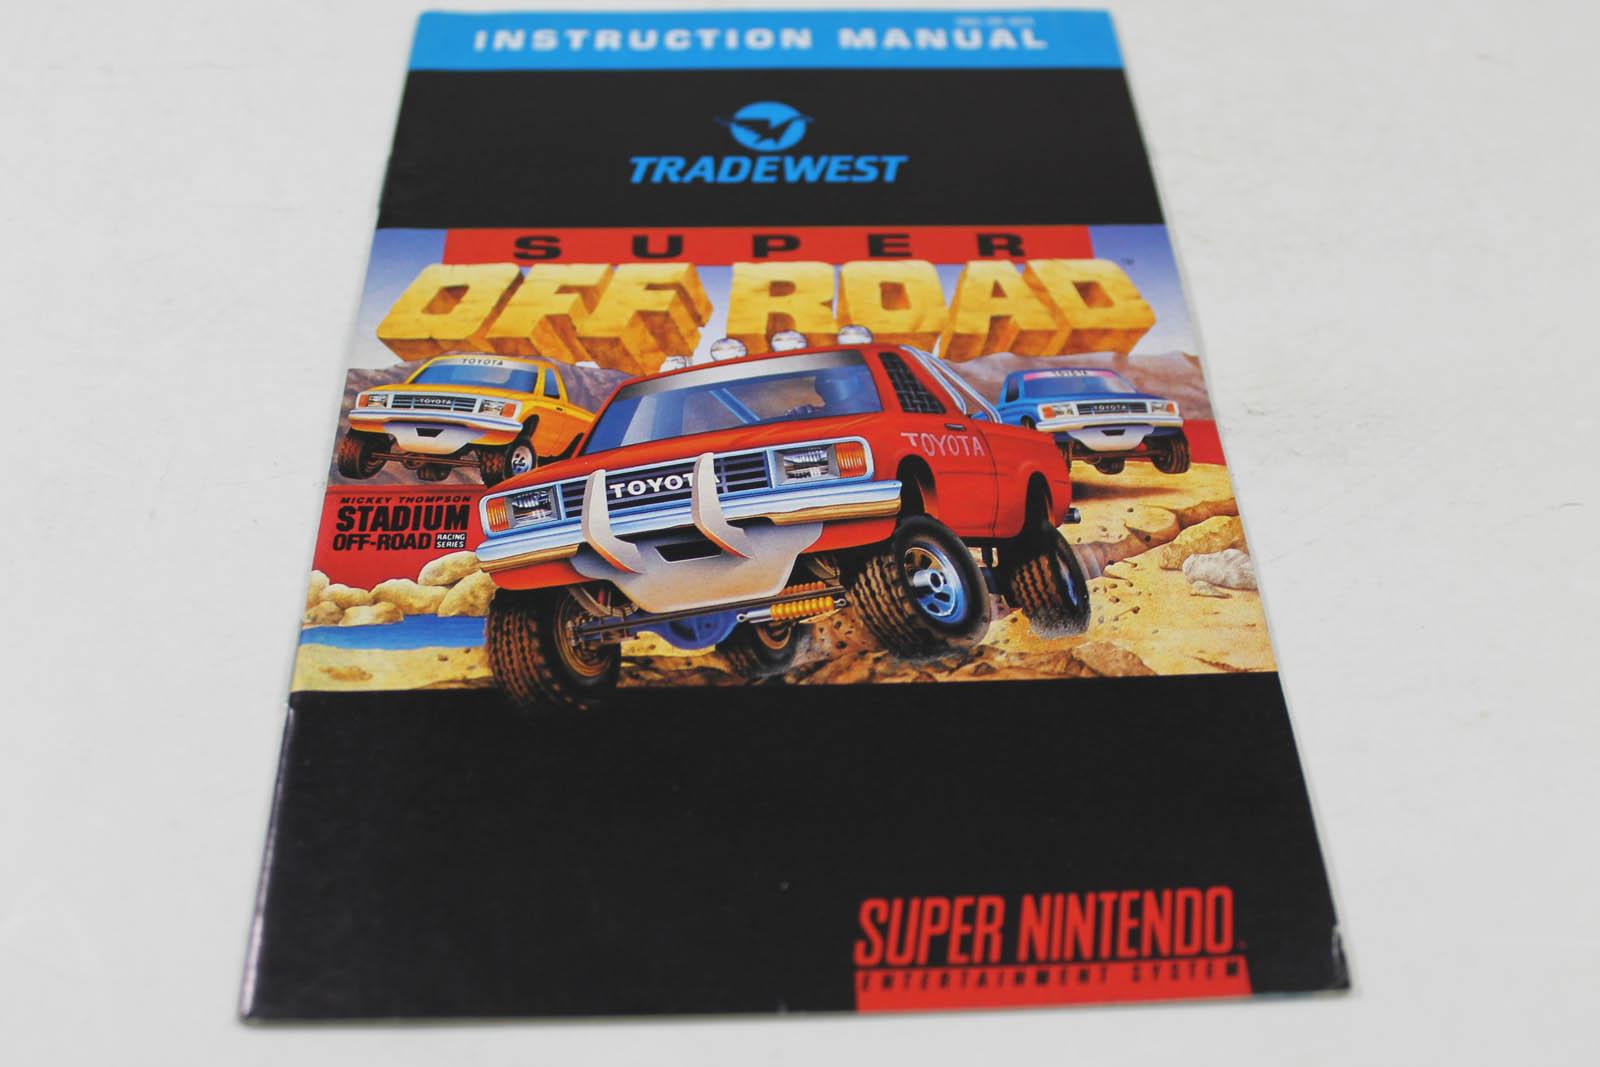 Super nintendo repair Manual